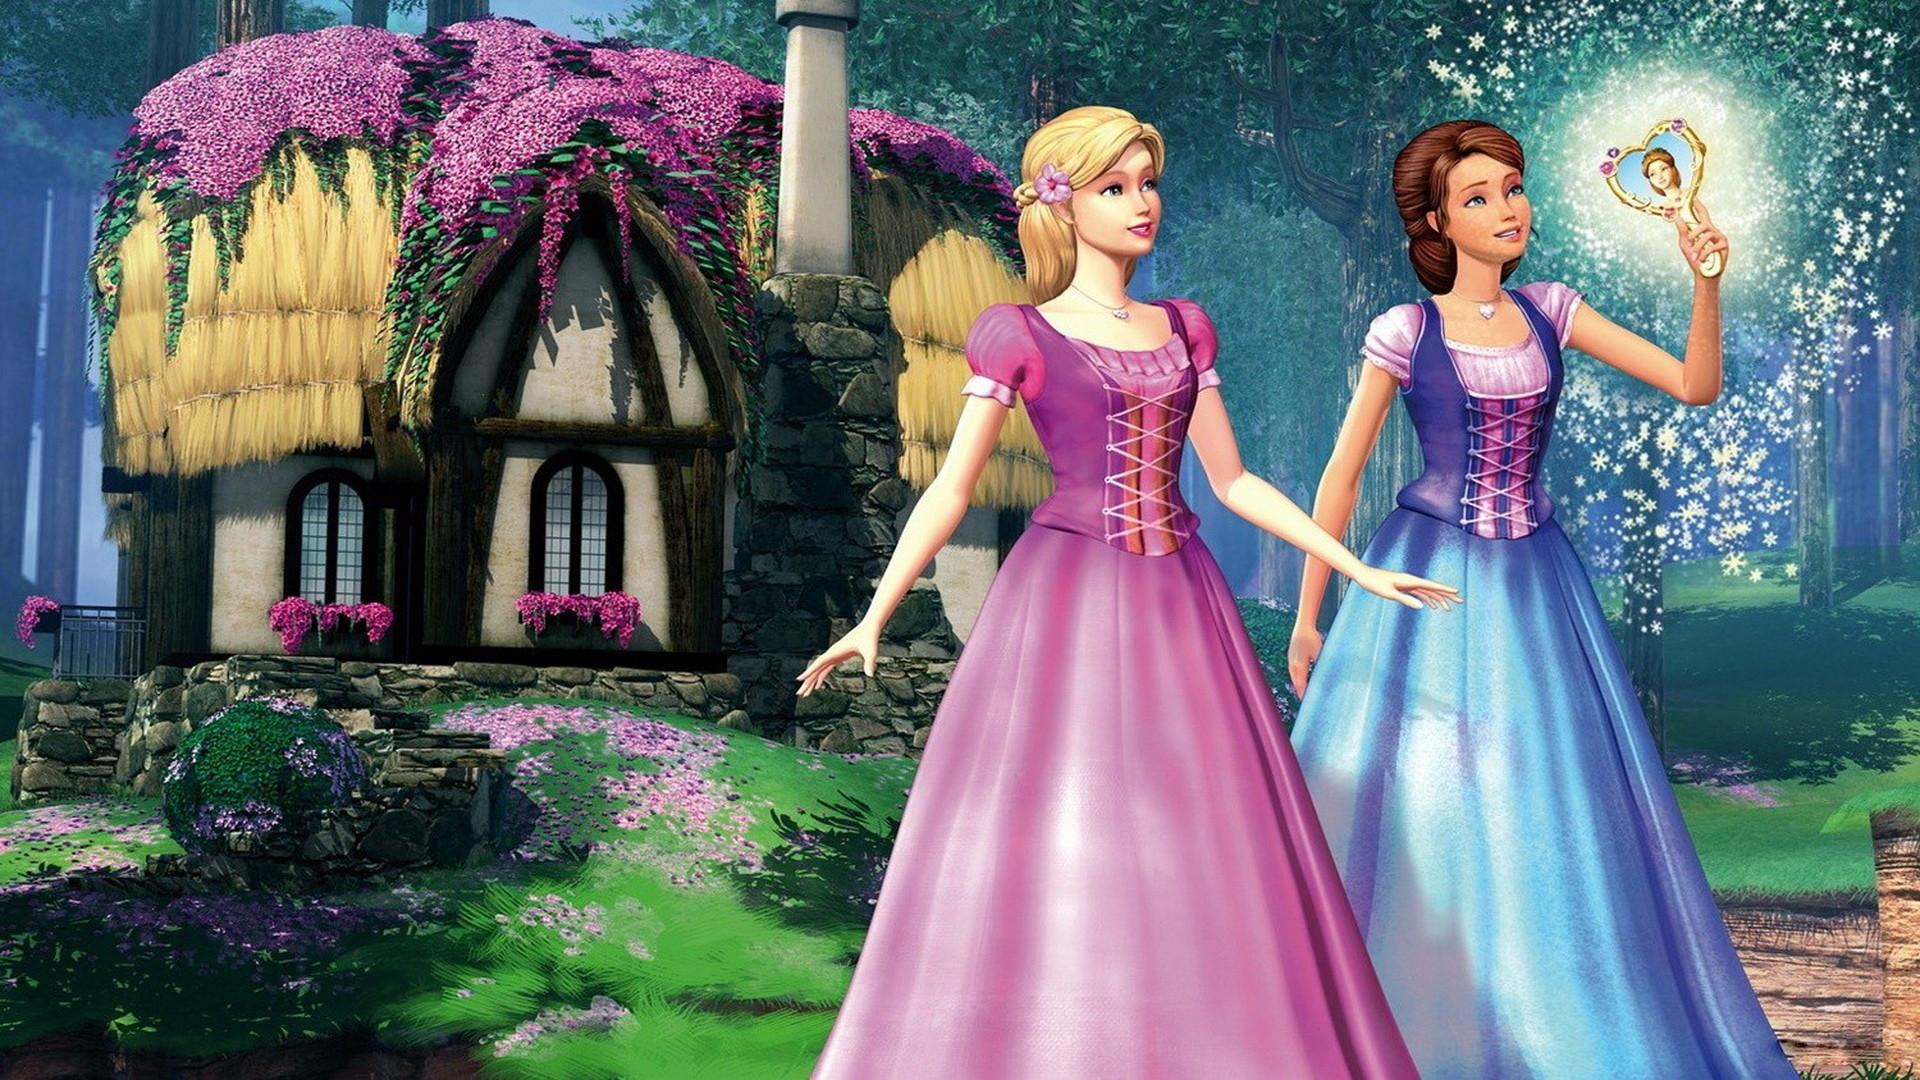 Barbie Beautiful Doll Wallpaper Hd - Barbie Diamond Castle , HD Wallpaper & Backgrounds